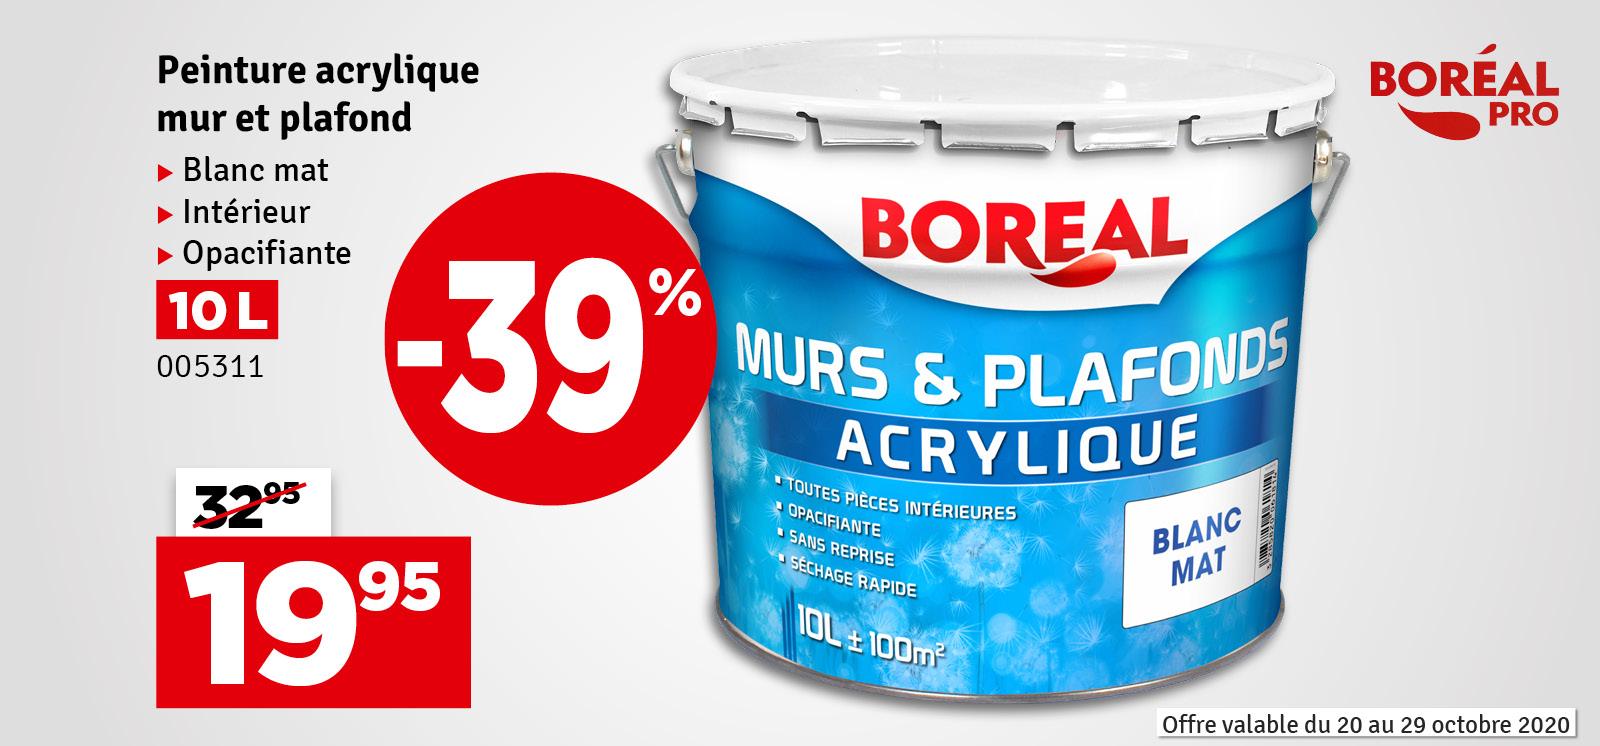 Promo - Peinture acrylique pour murs et plafonds blanc mat 10 L BOREAL PRO